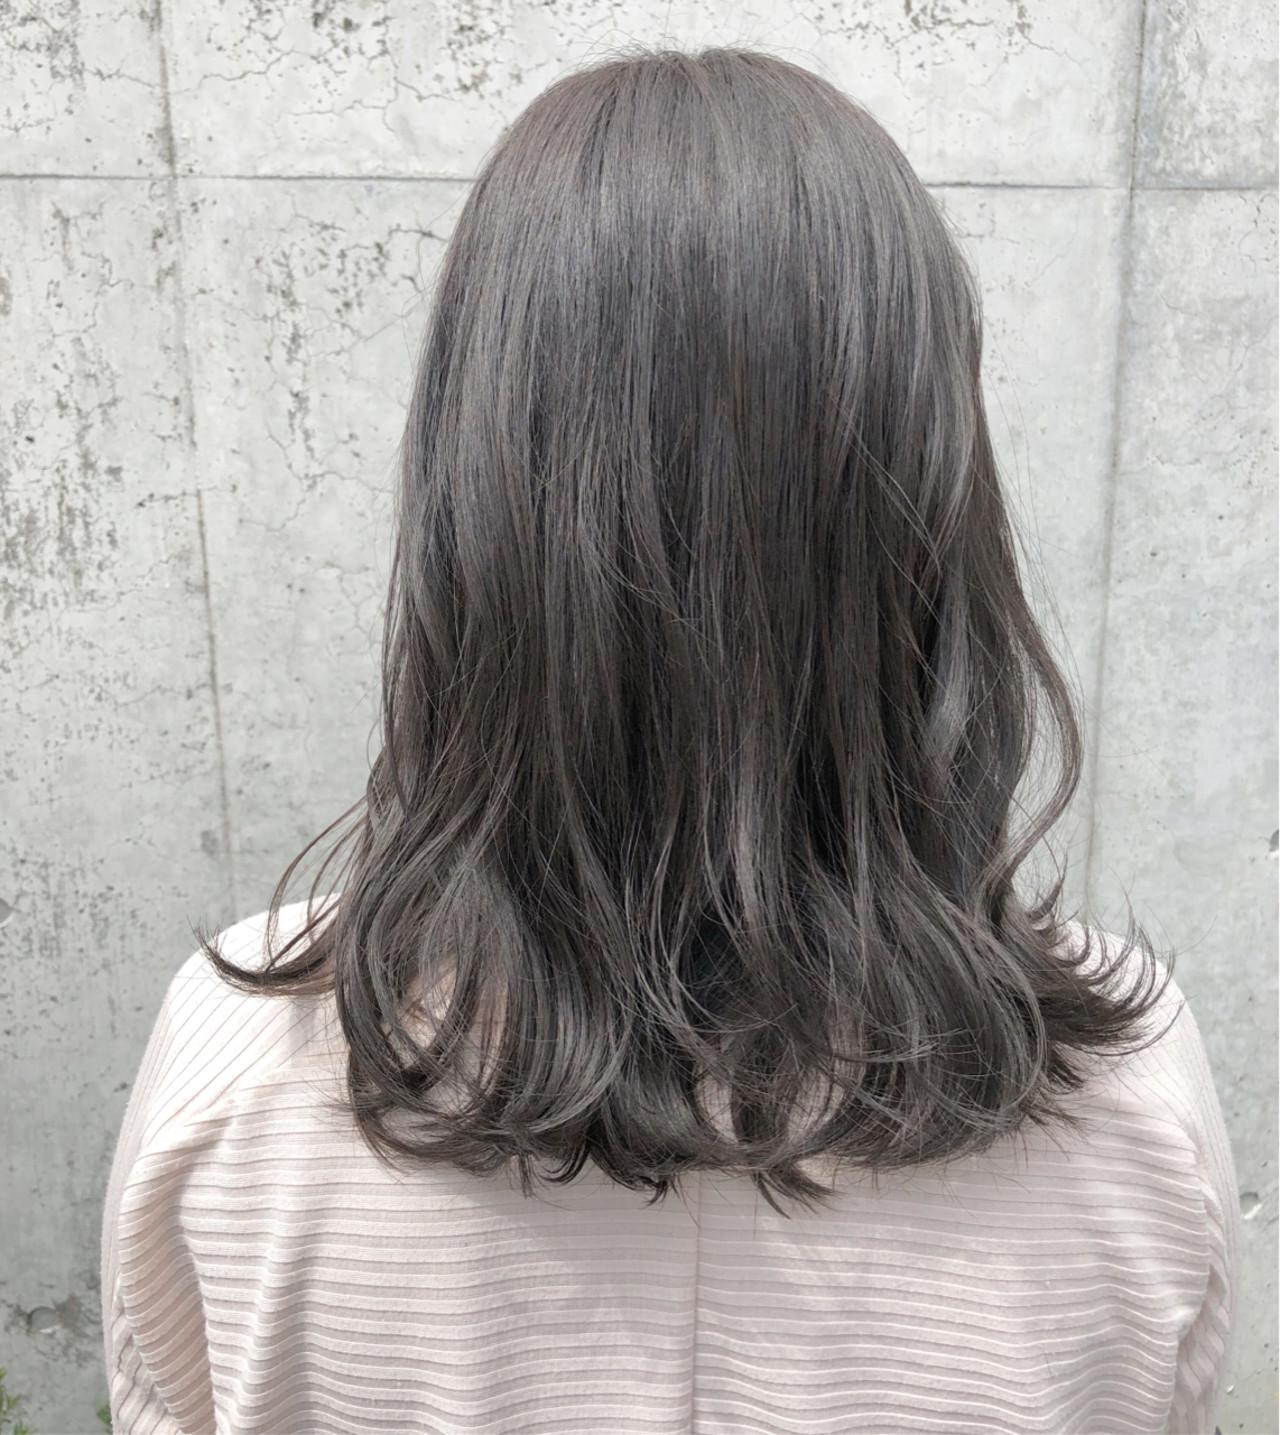 ナチュラル ハイライト セミロングヘアスタイルや髪型の写真・画像